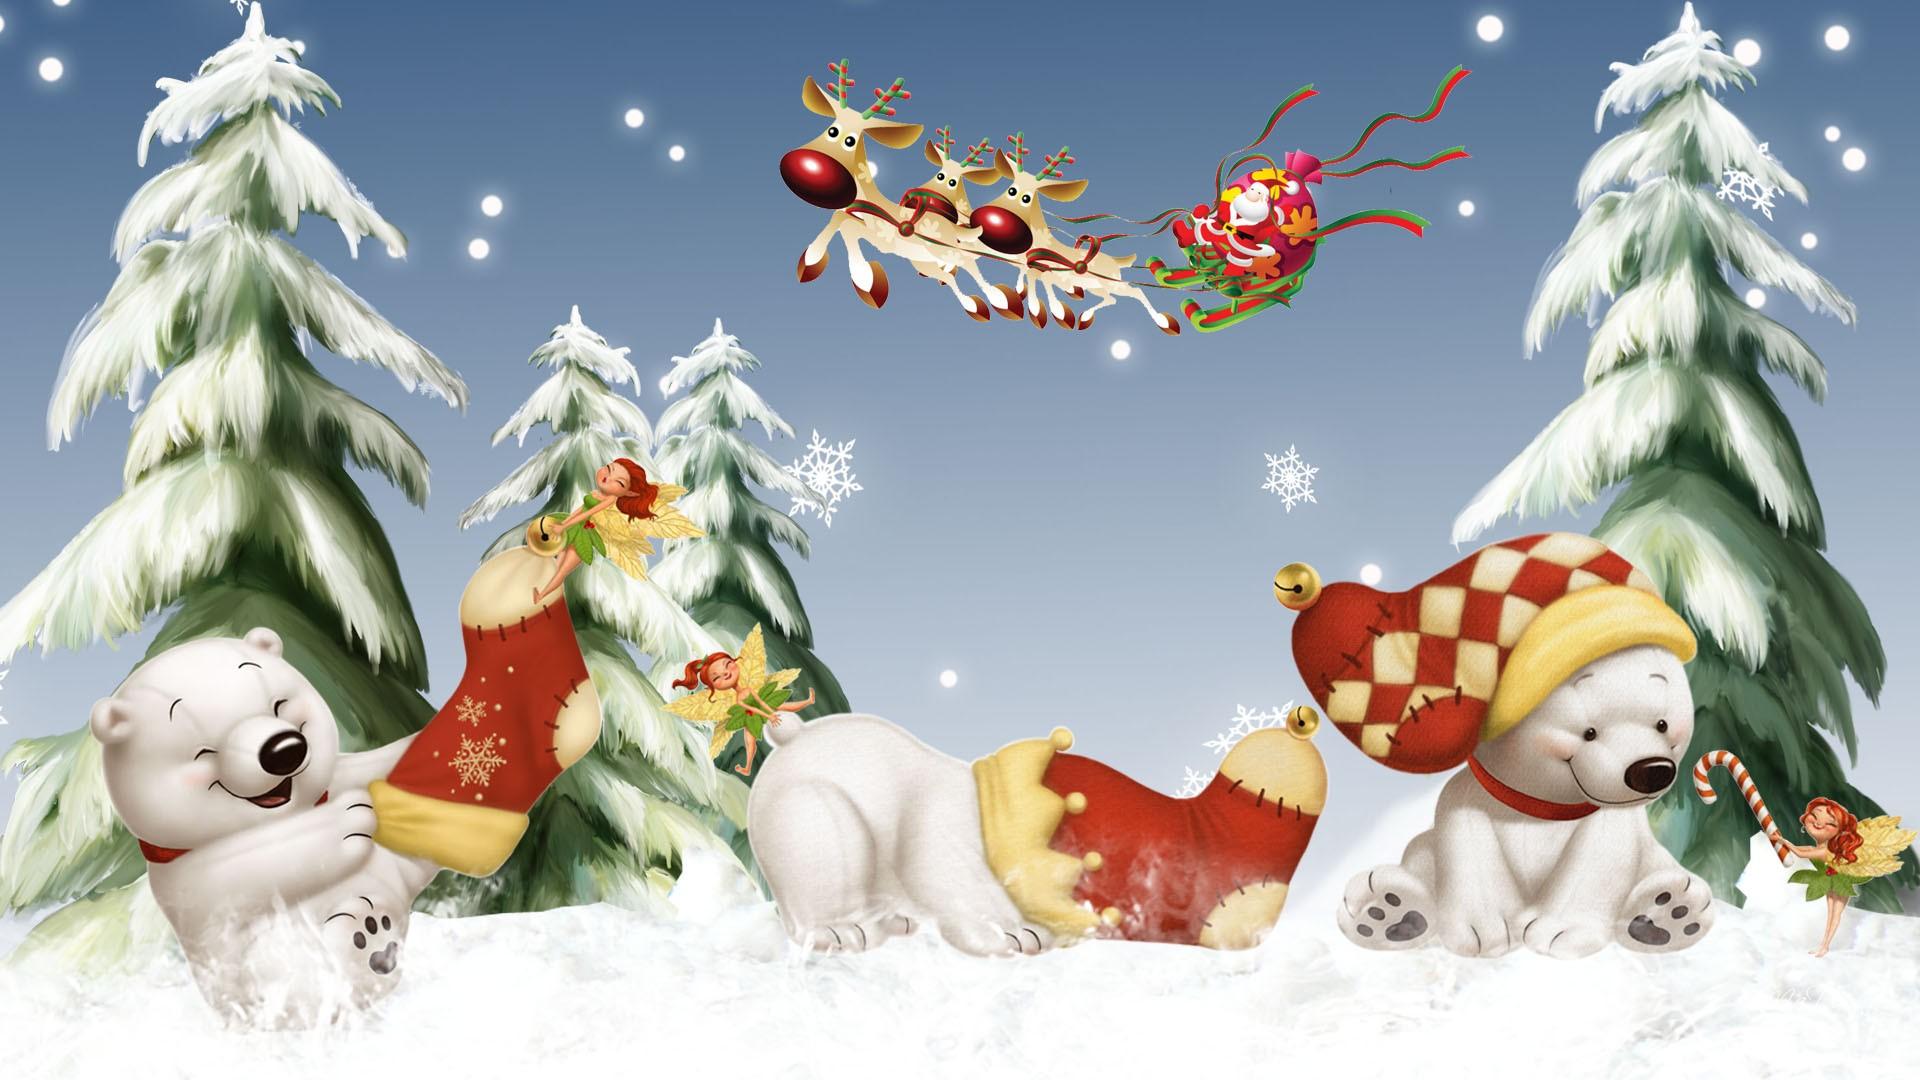 обои для рабочего стола новогодние зима № 616266 загрузить